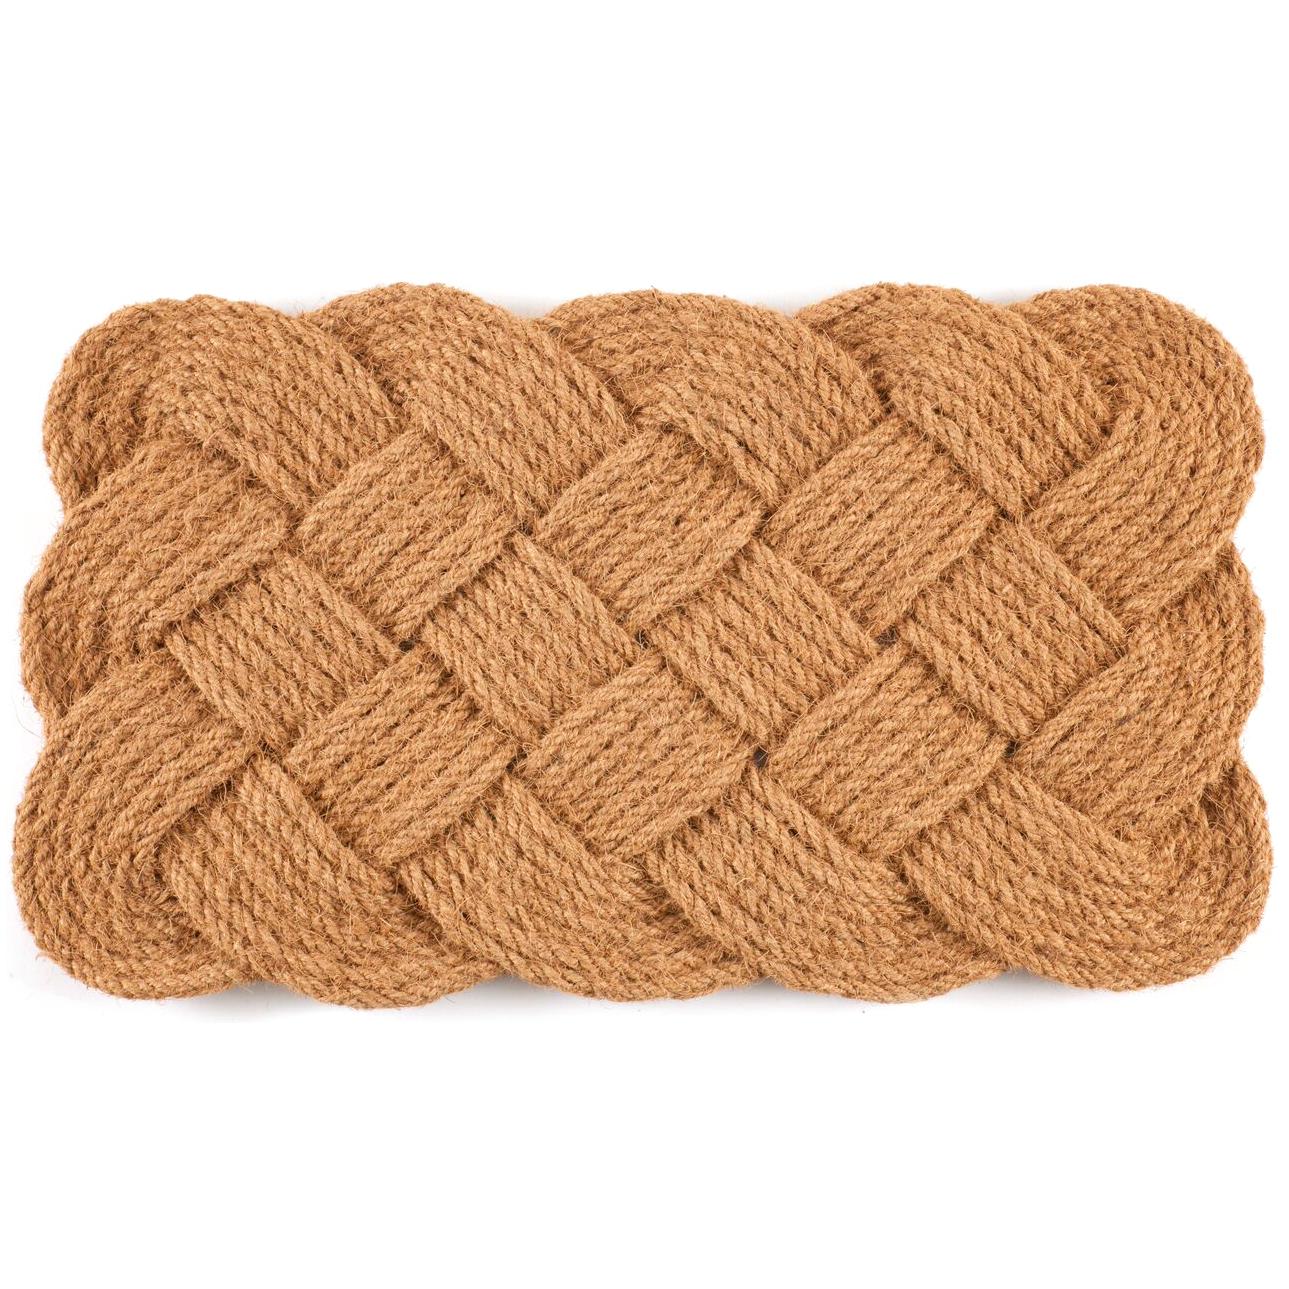 Shop Knotical Handwoven Coir Doormat